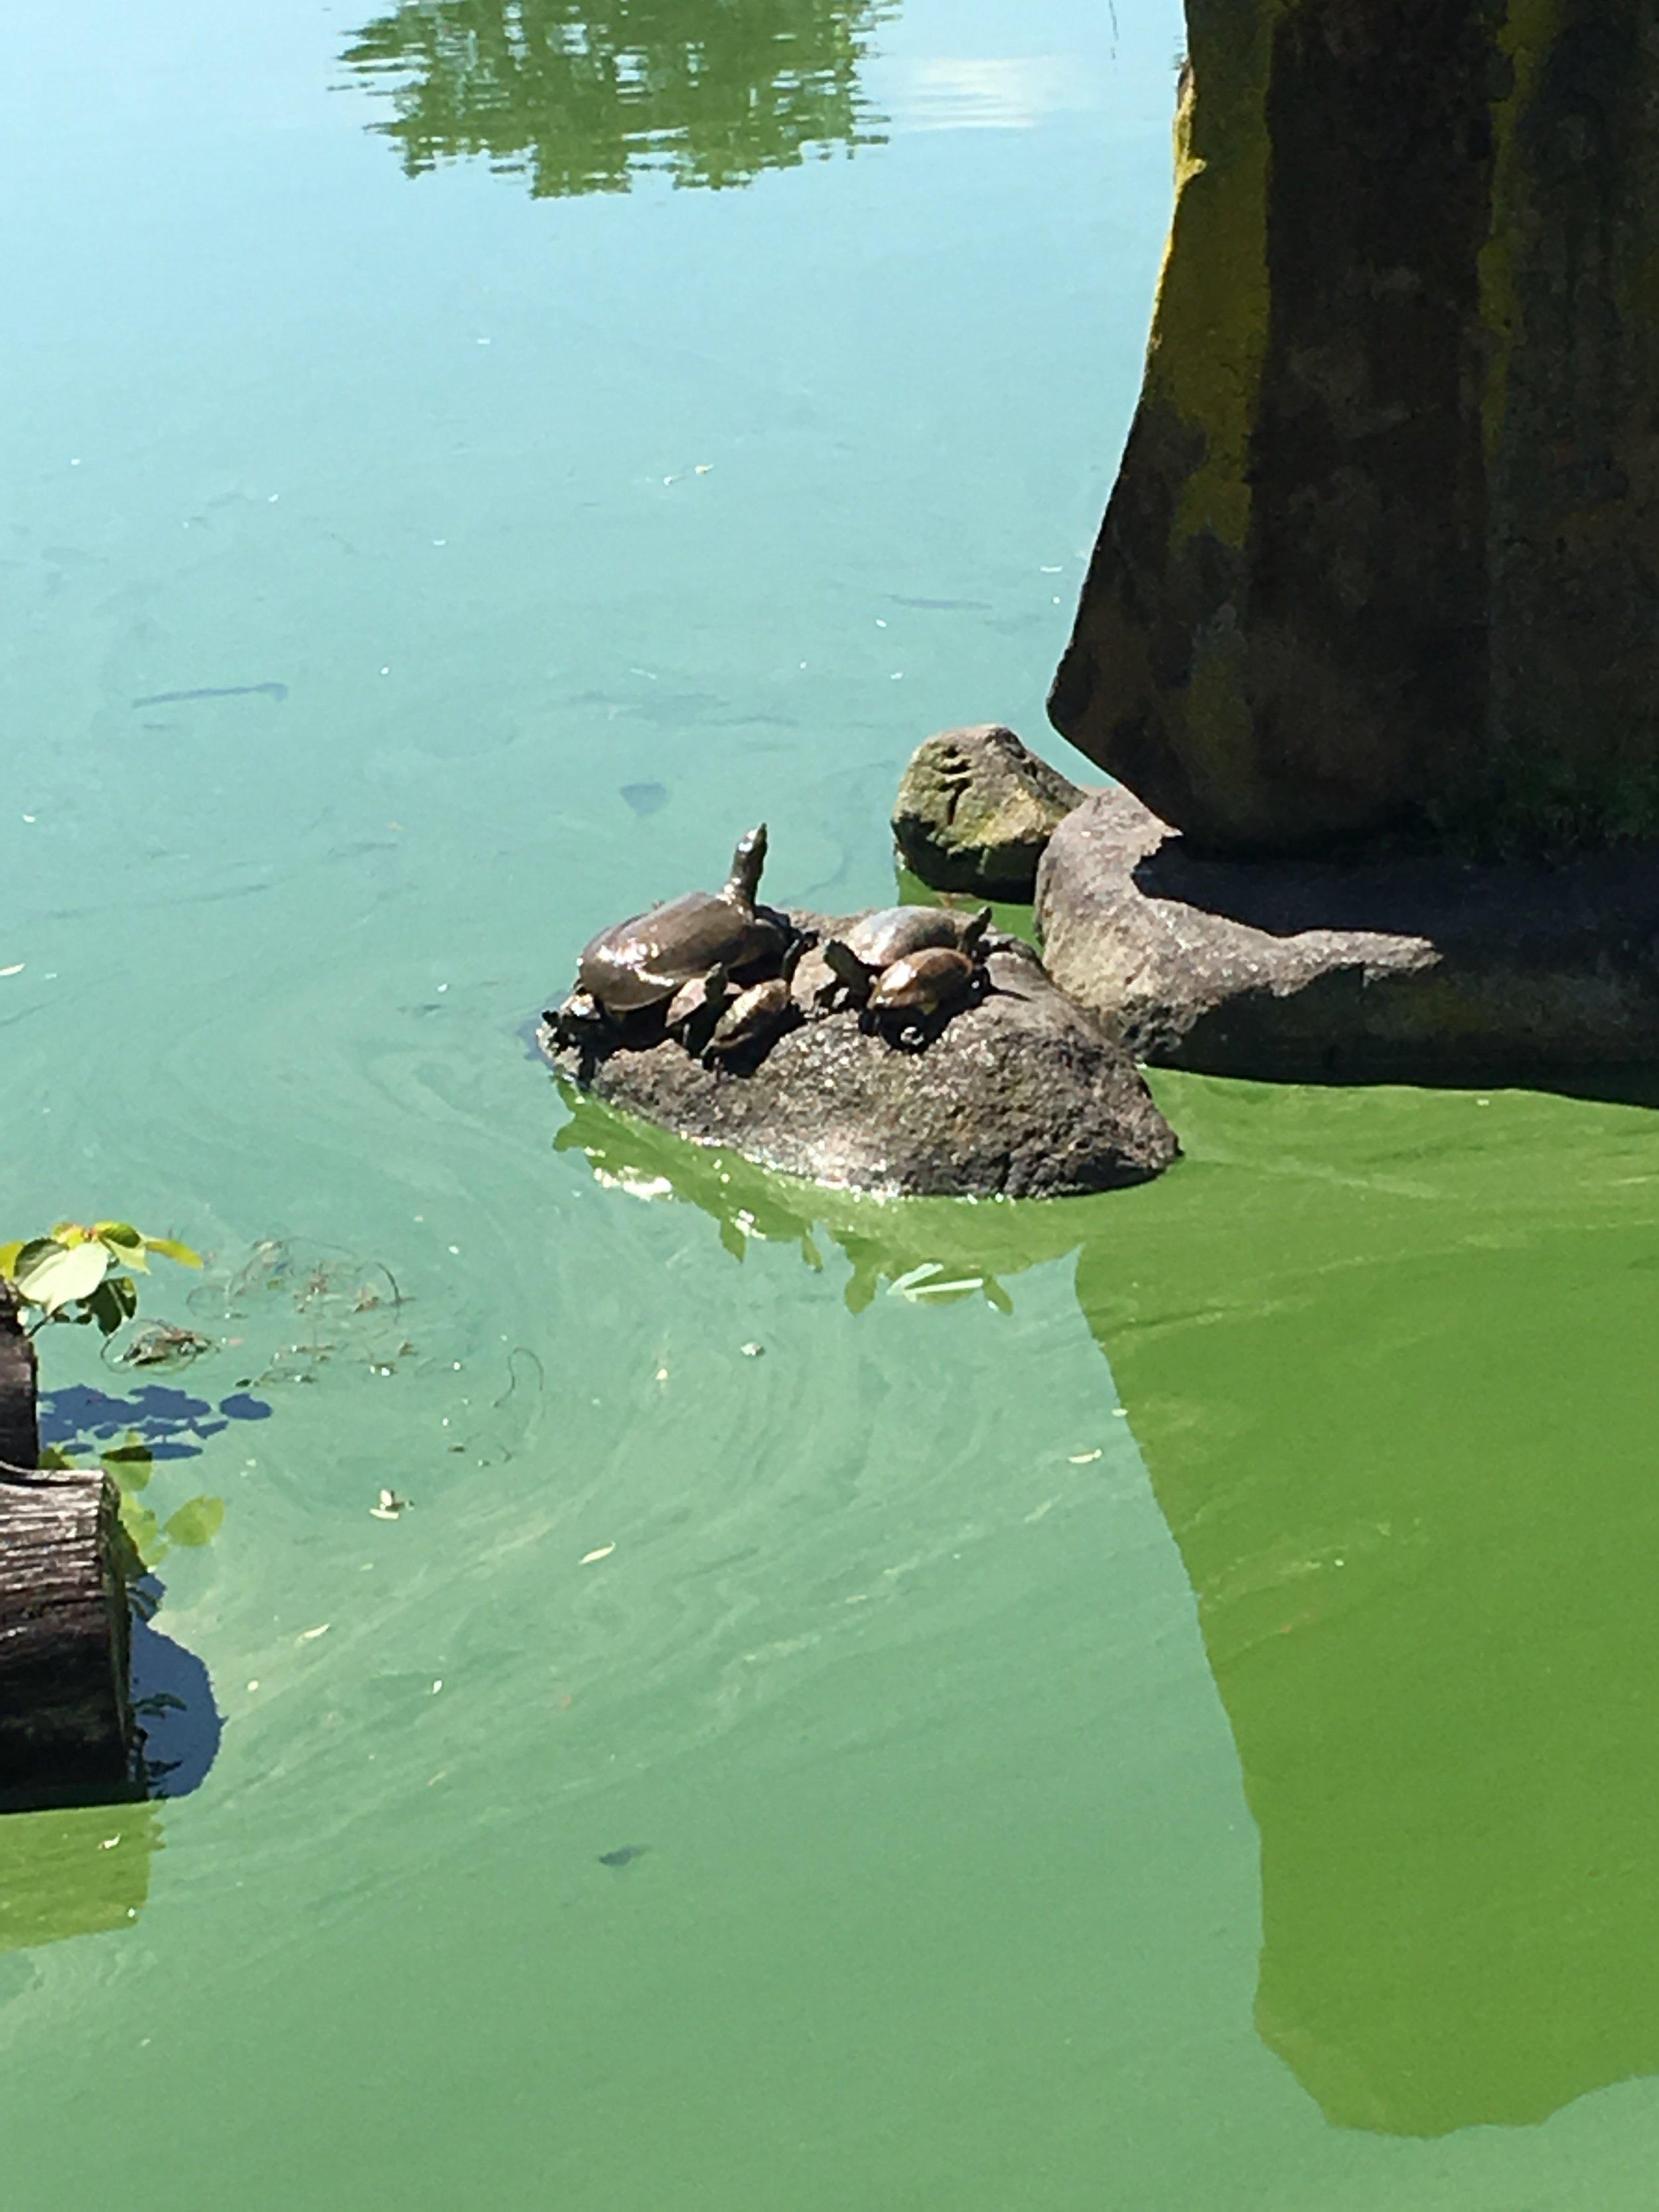 Some sunbathing turtles at Sarusawa Pond!